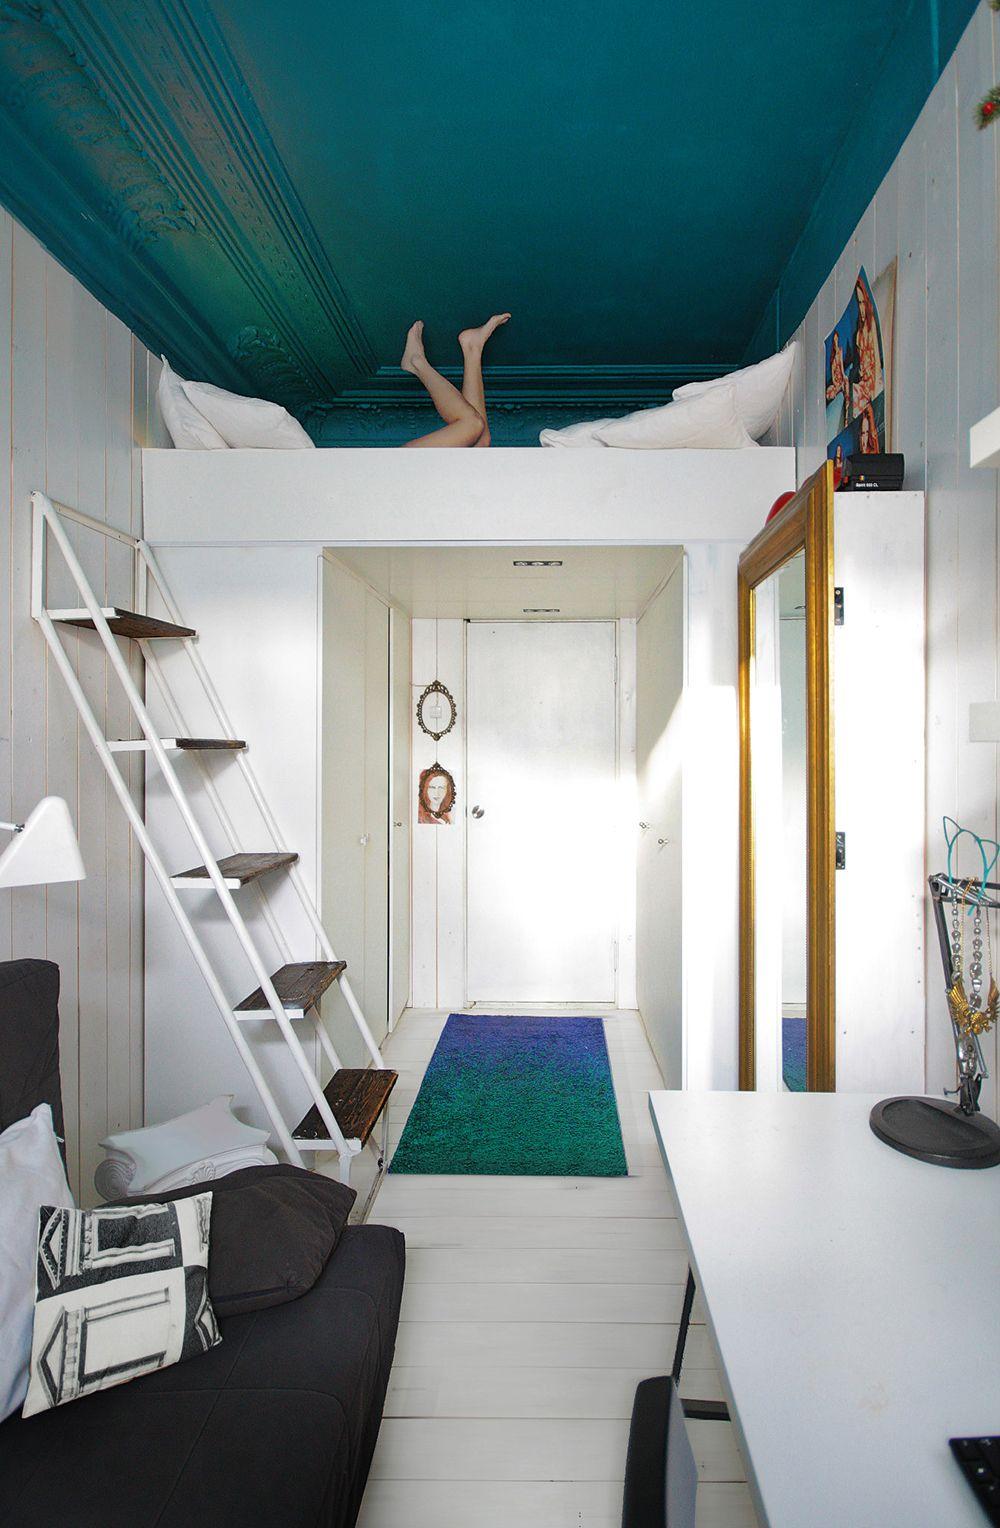 Innenarchitektur wohnzimmer für kleine wohnung anton semenov  blue ceiling interior  micro loft  pinterest